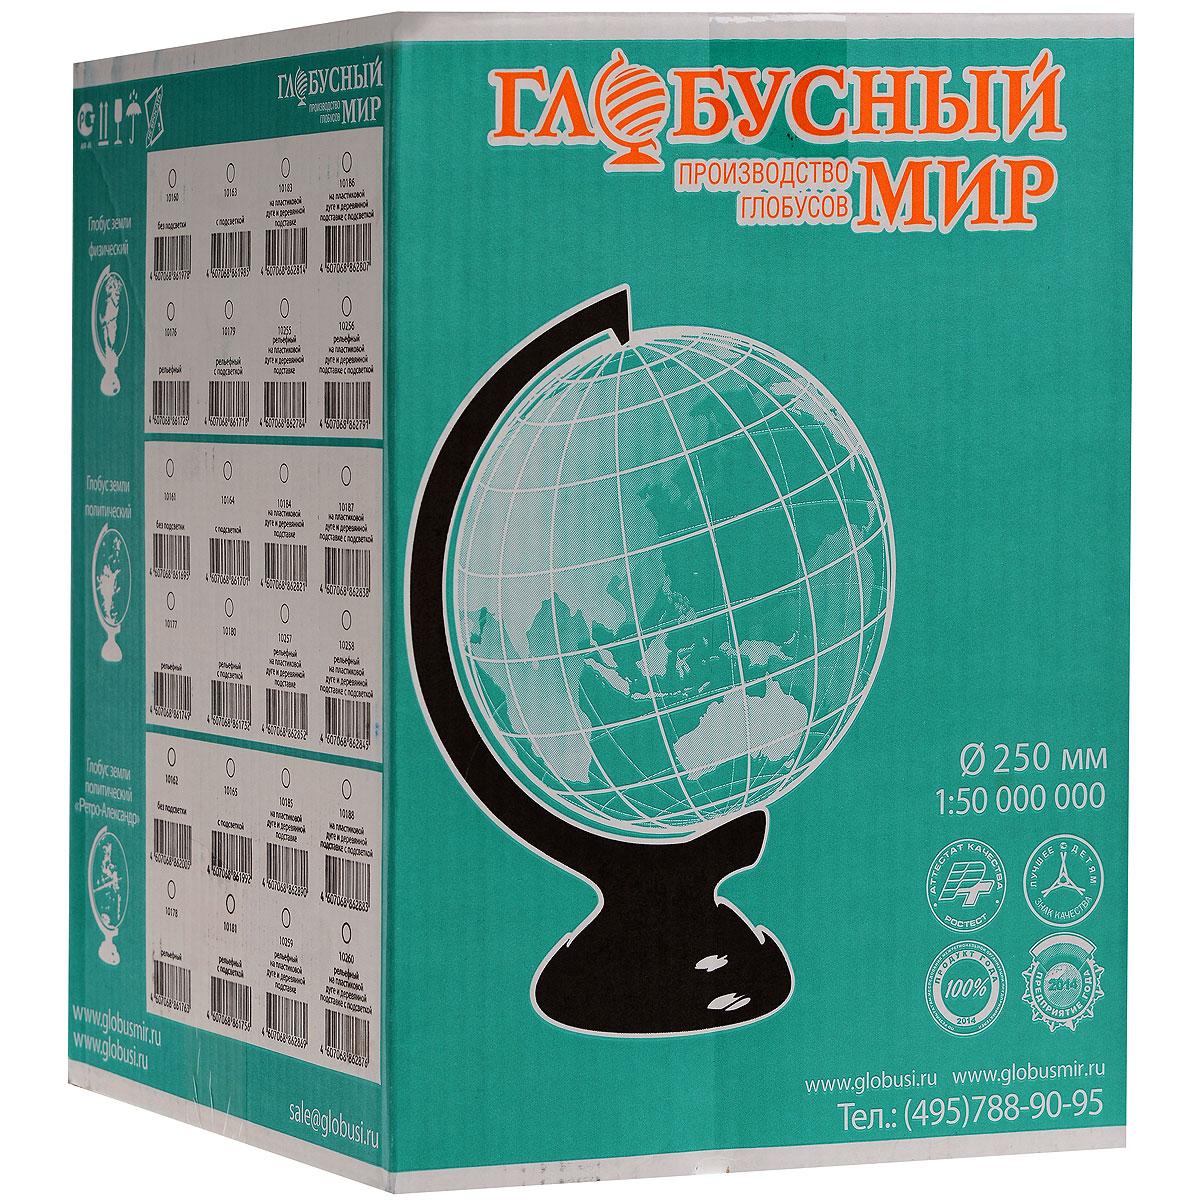 Глобусный мир Ландшафтный глобус, диаметр 25 см, на деревянной подставке Глобусный мир